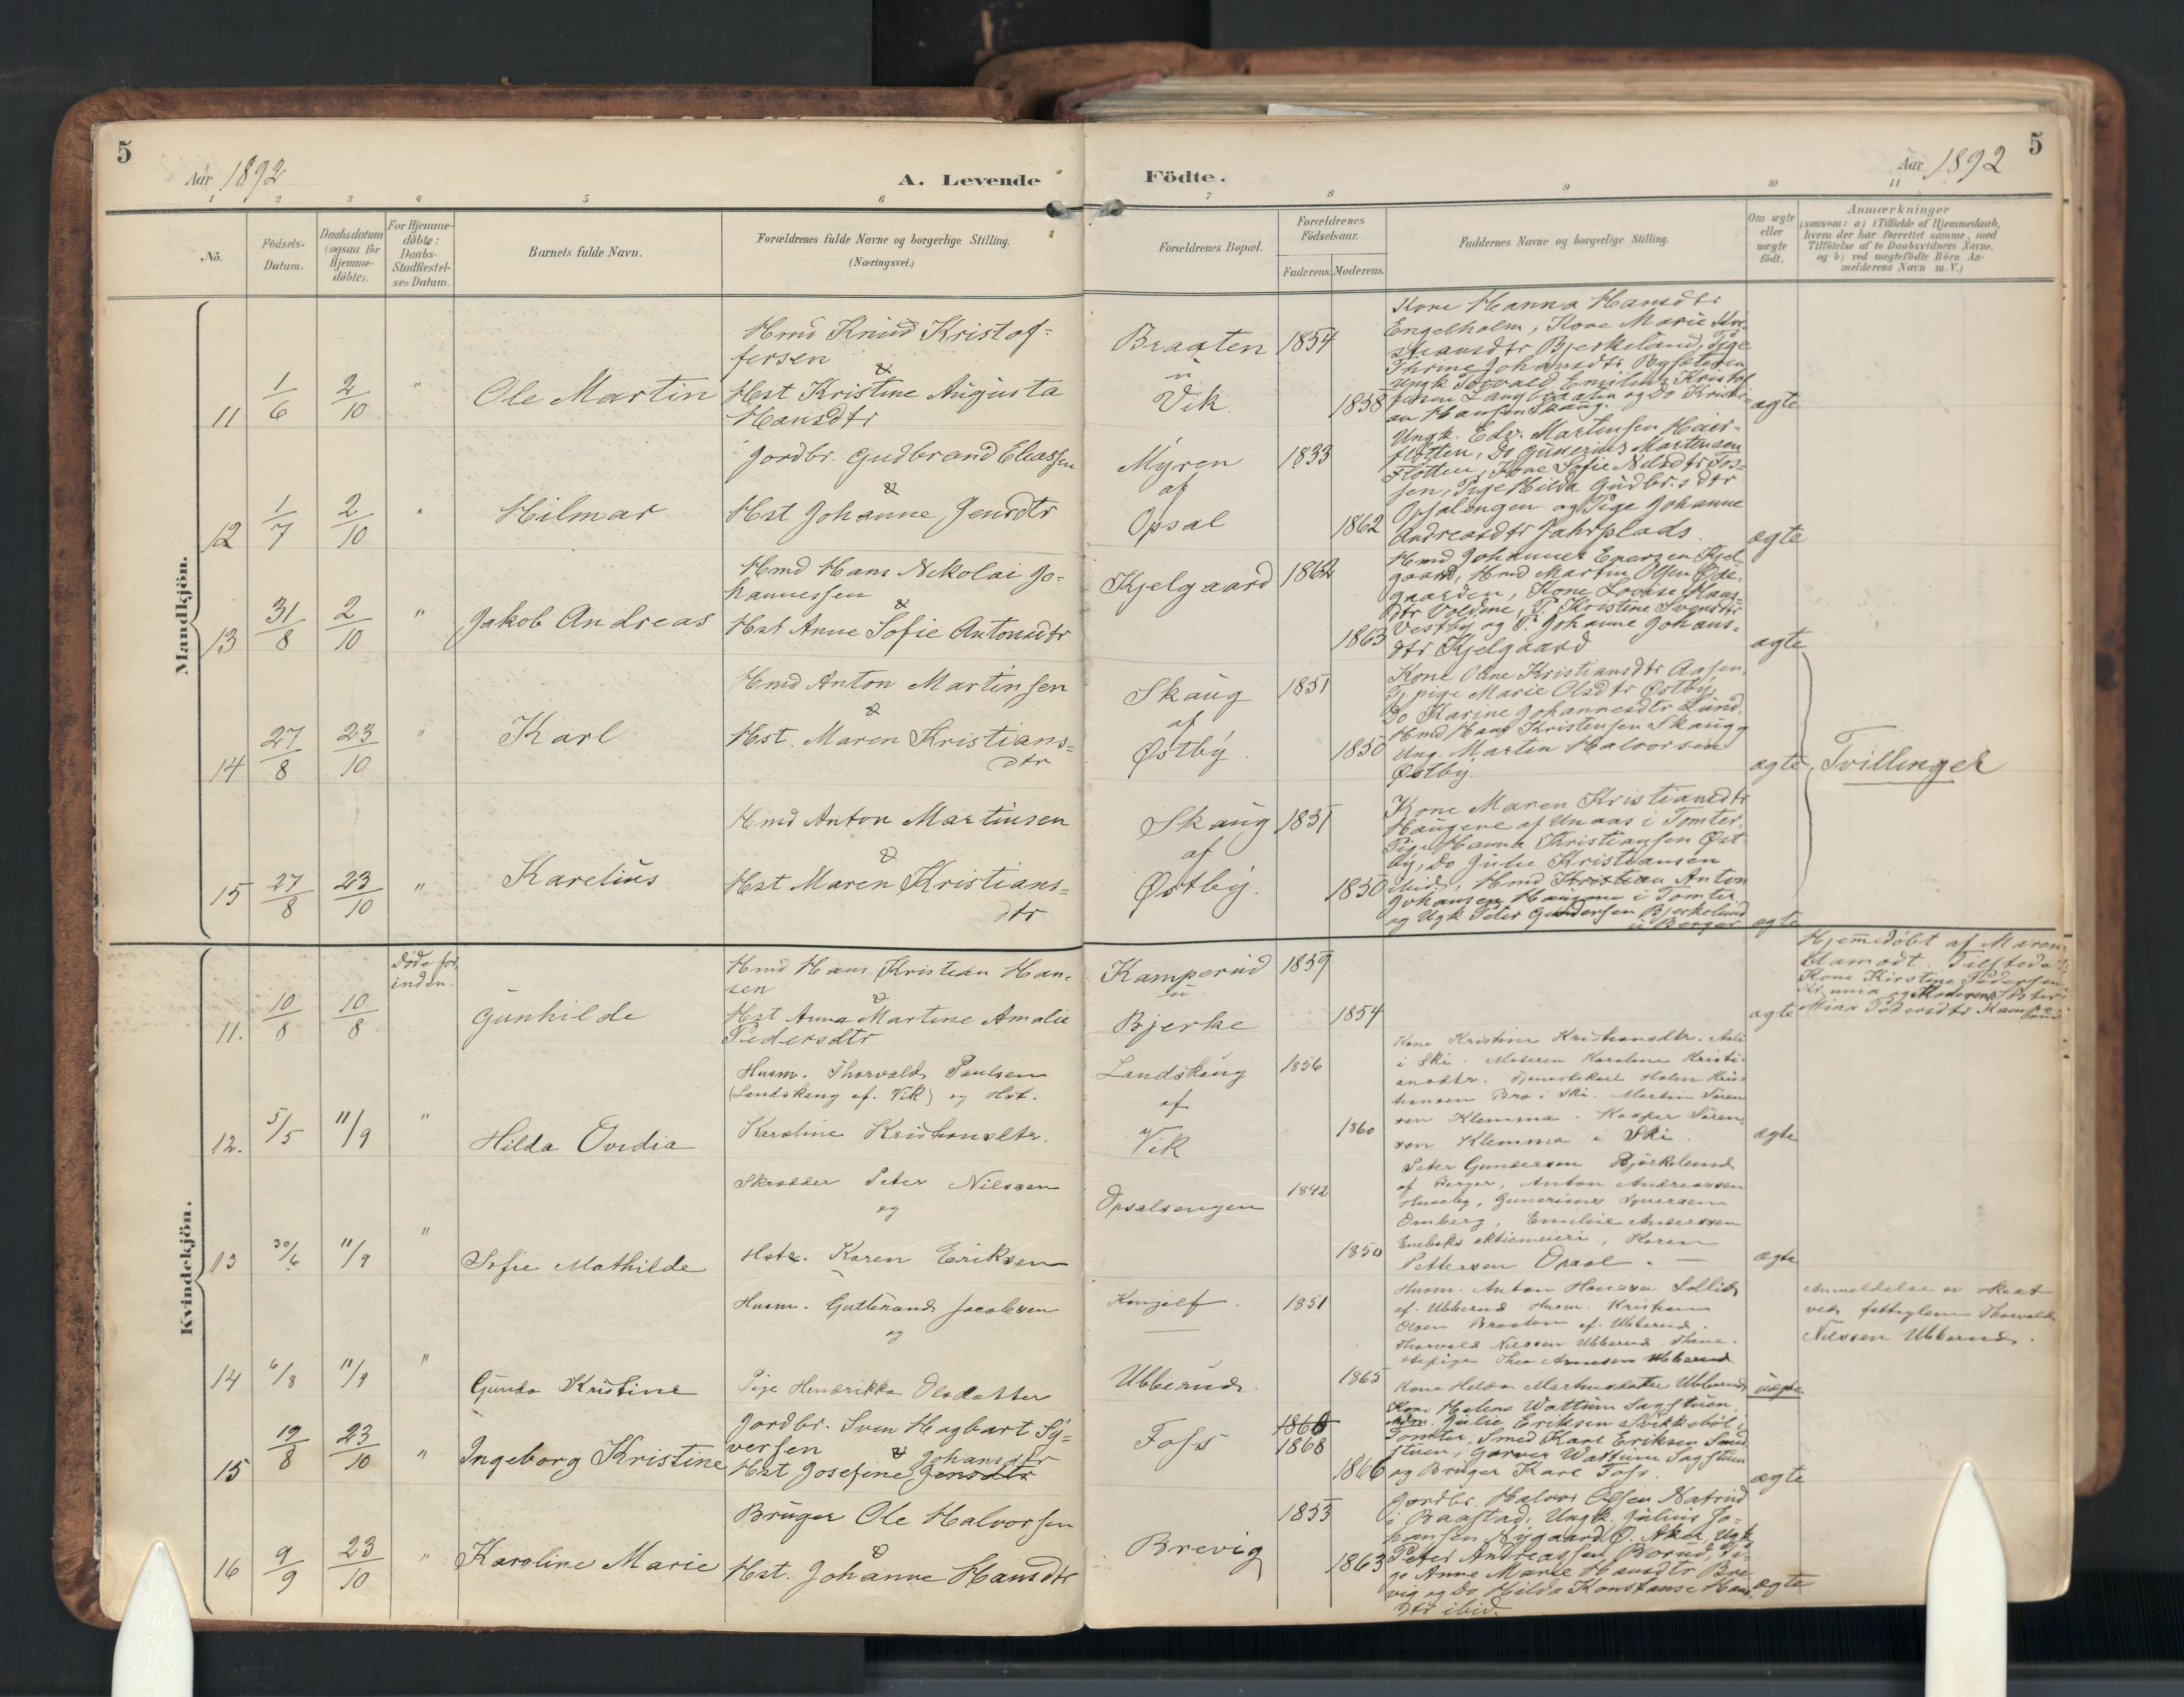 SAO, Enebakk prestekontor Kirkebøker, F/Fb/L0002: Ministerialbok nr. II 2, 1891-1959, s. 5